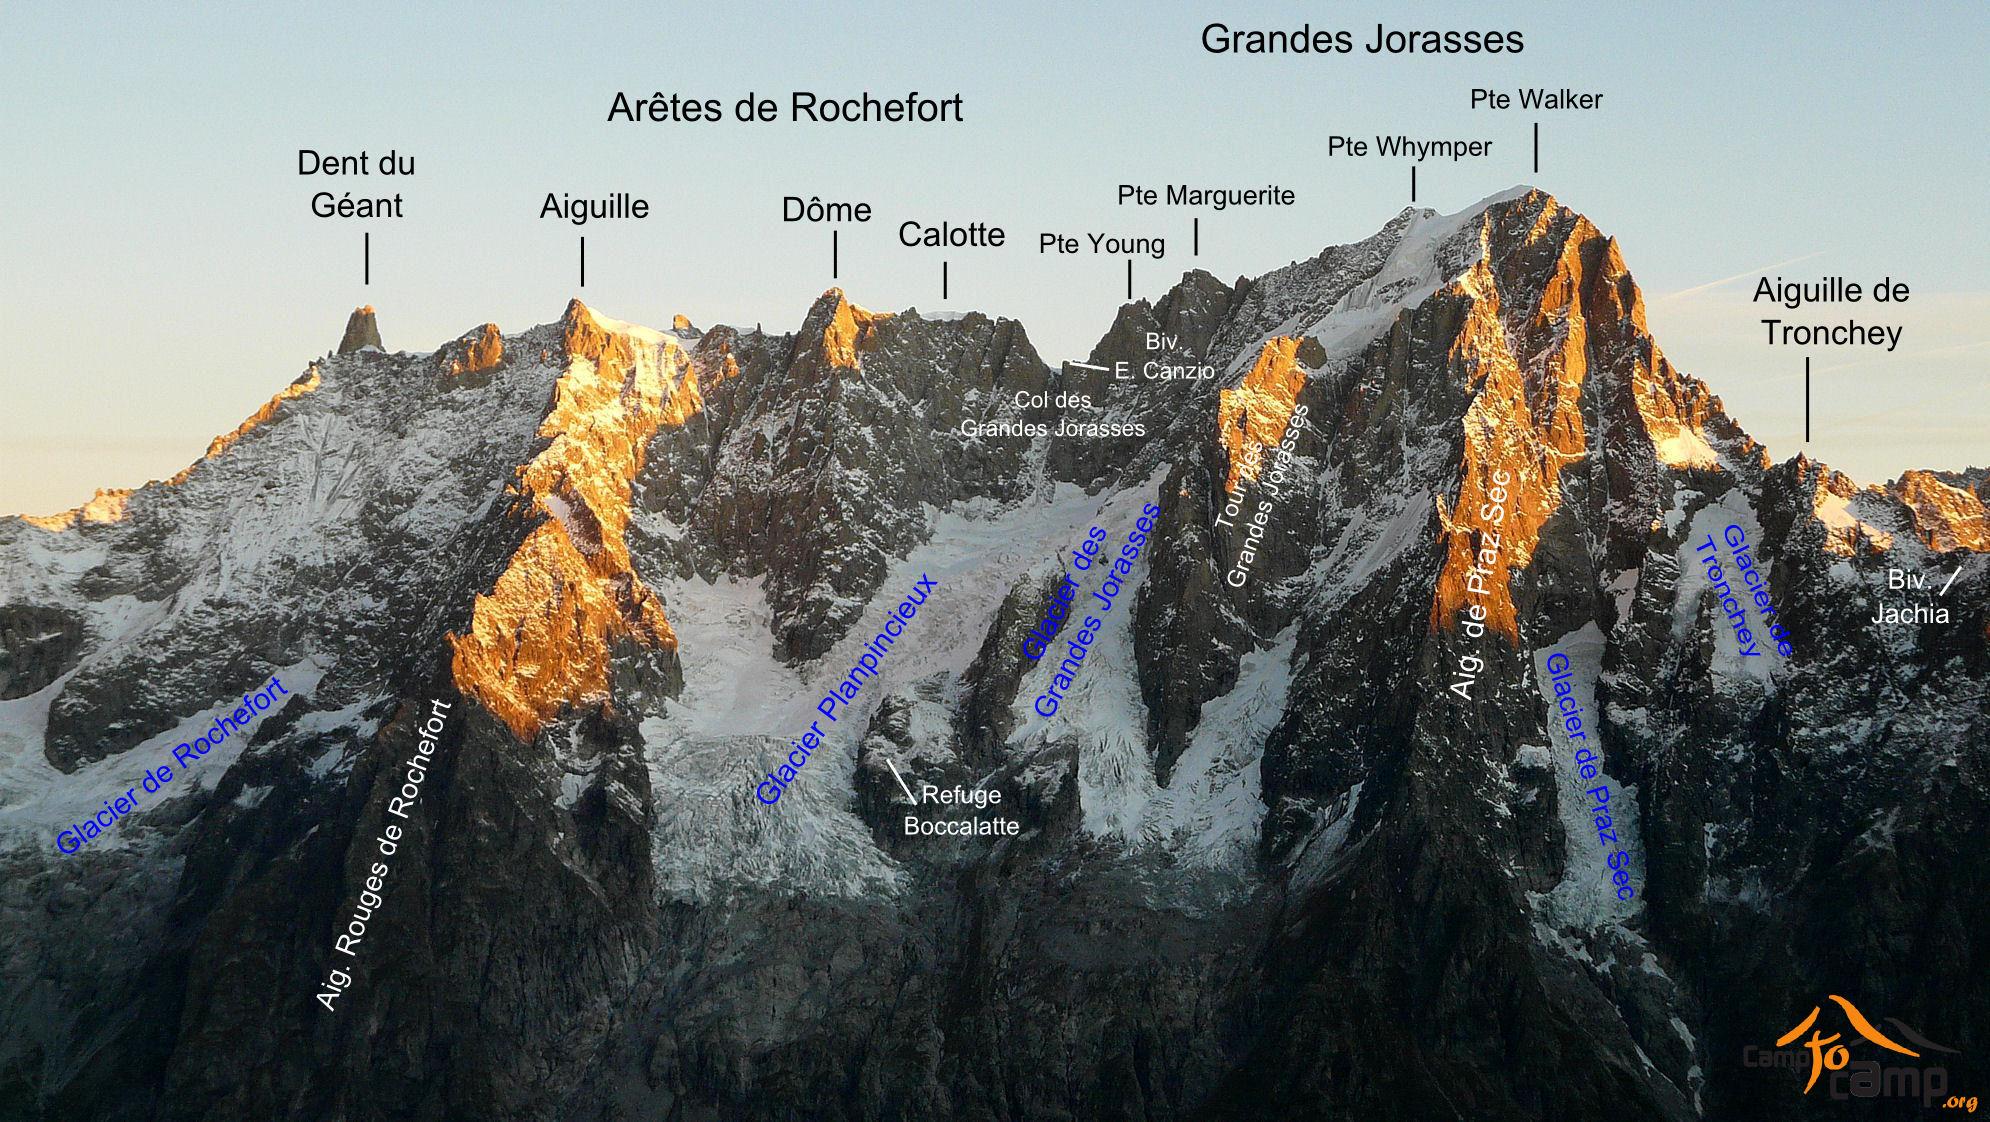 Skildring Dent du Géant - Grandes Jorasses - South face with labels ...